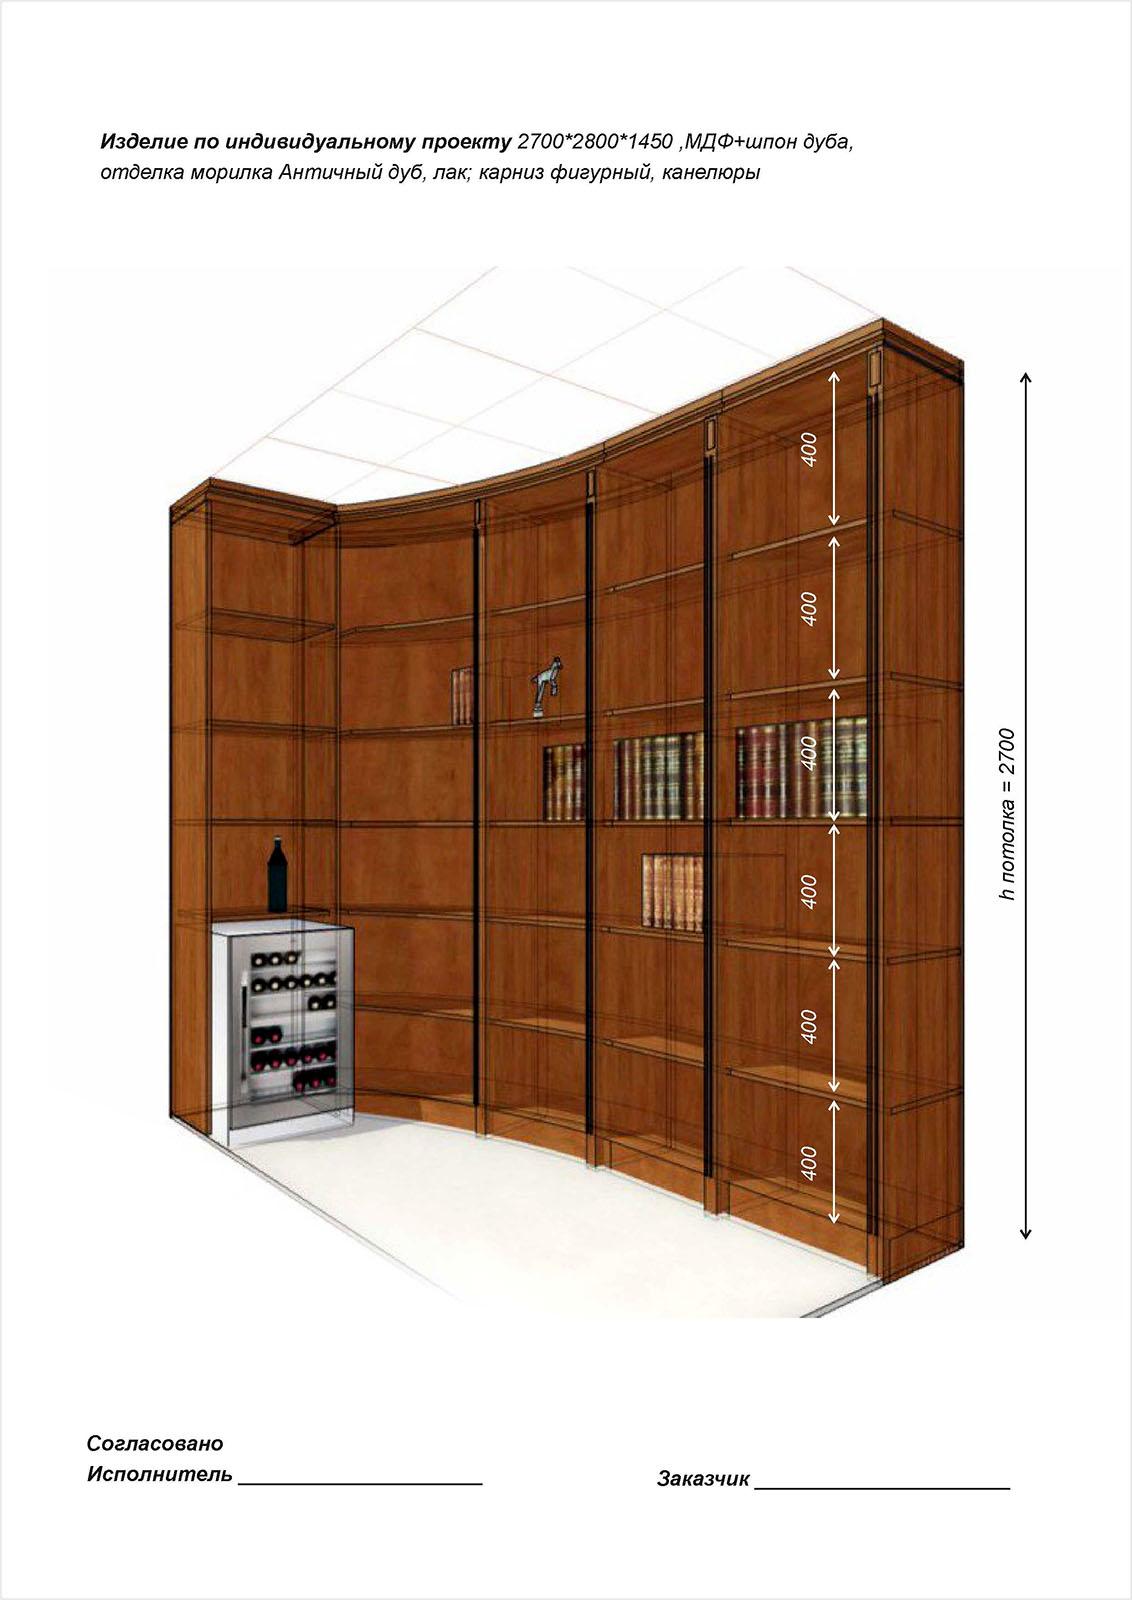 Дизайн-проект встроенной библиотеки